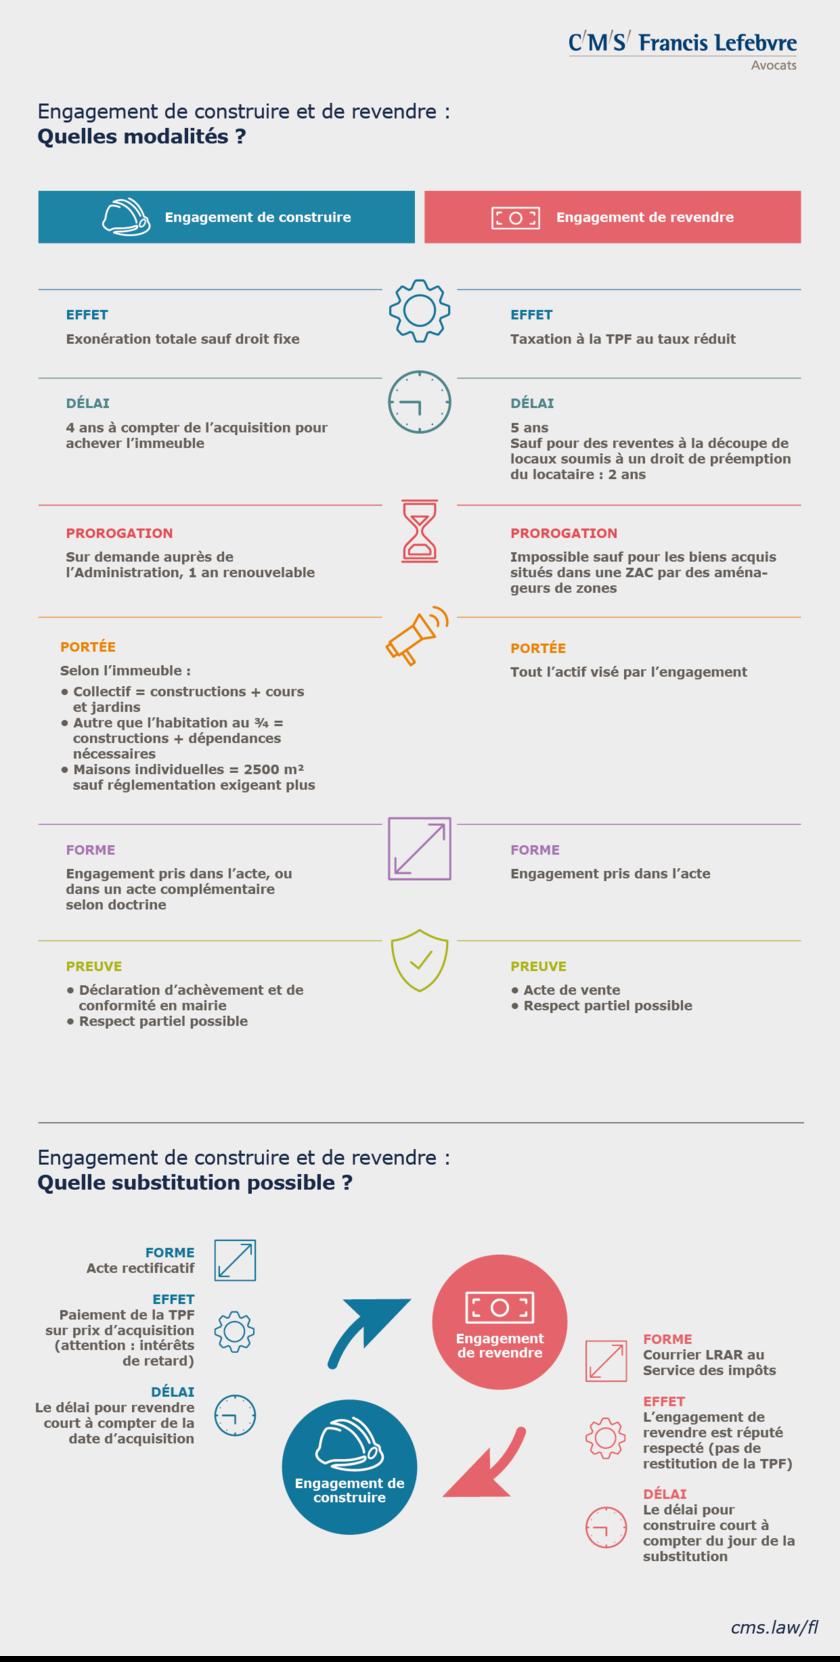 TVA imobilière - infographie - Engagement de construire et  de revendre